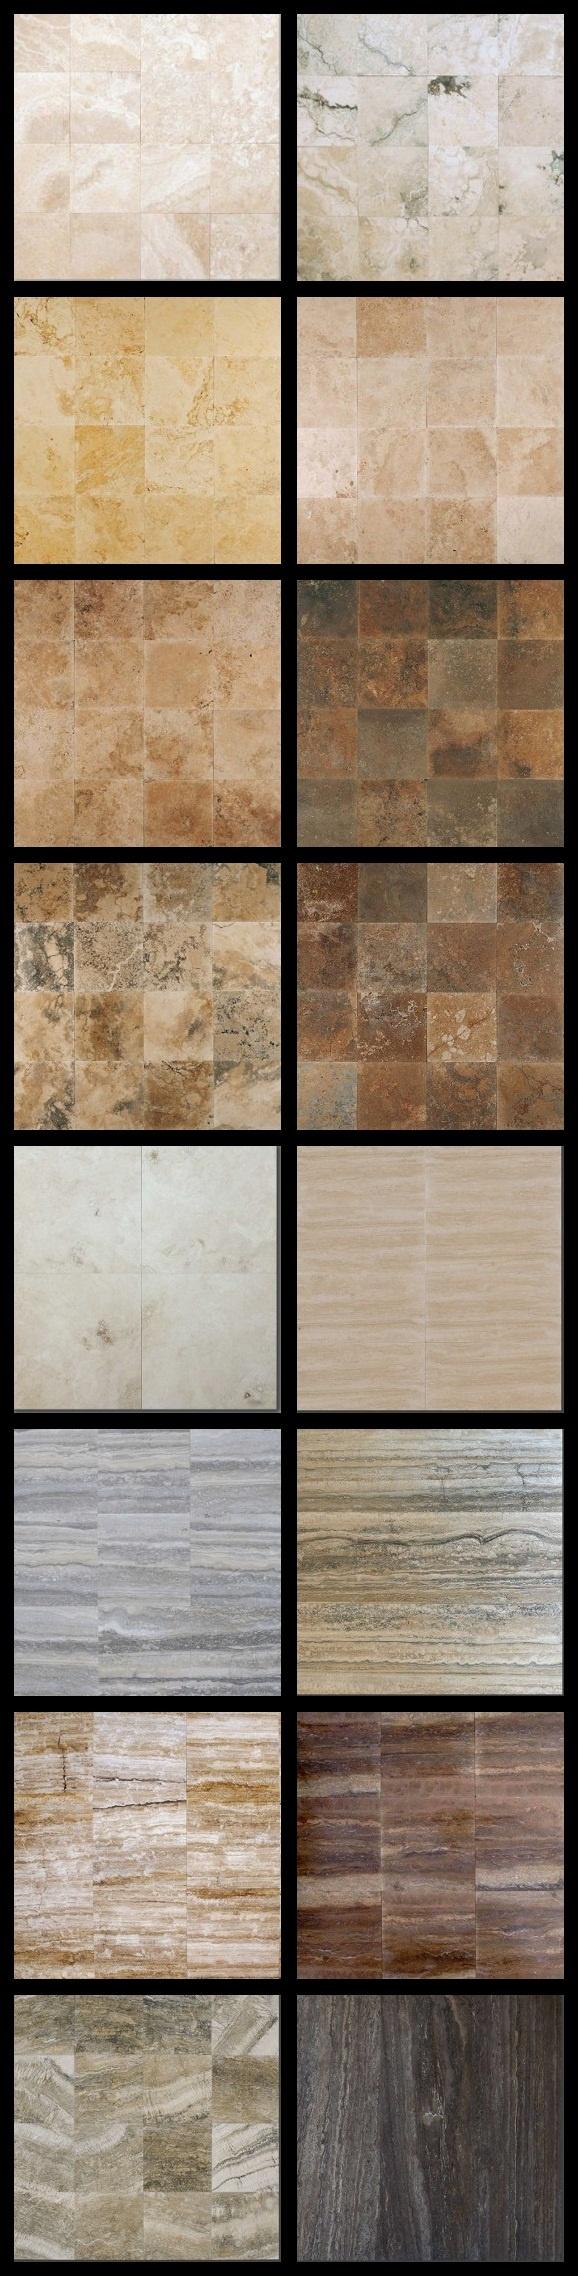 Le selezioni disponibili alle Pietre di Rapolano per #pavimenti e #rivestimenti    www.pietredirapolano.com